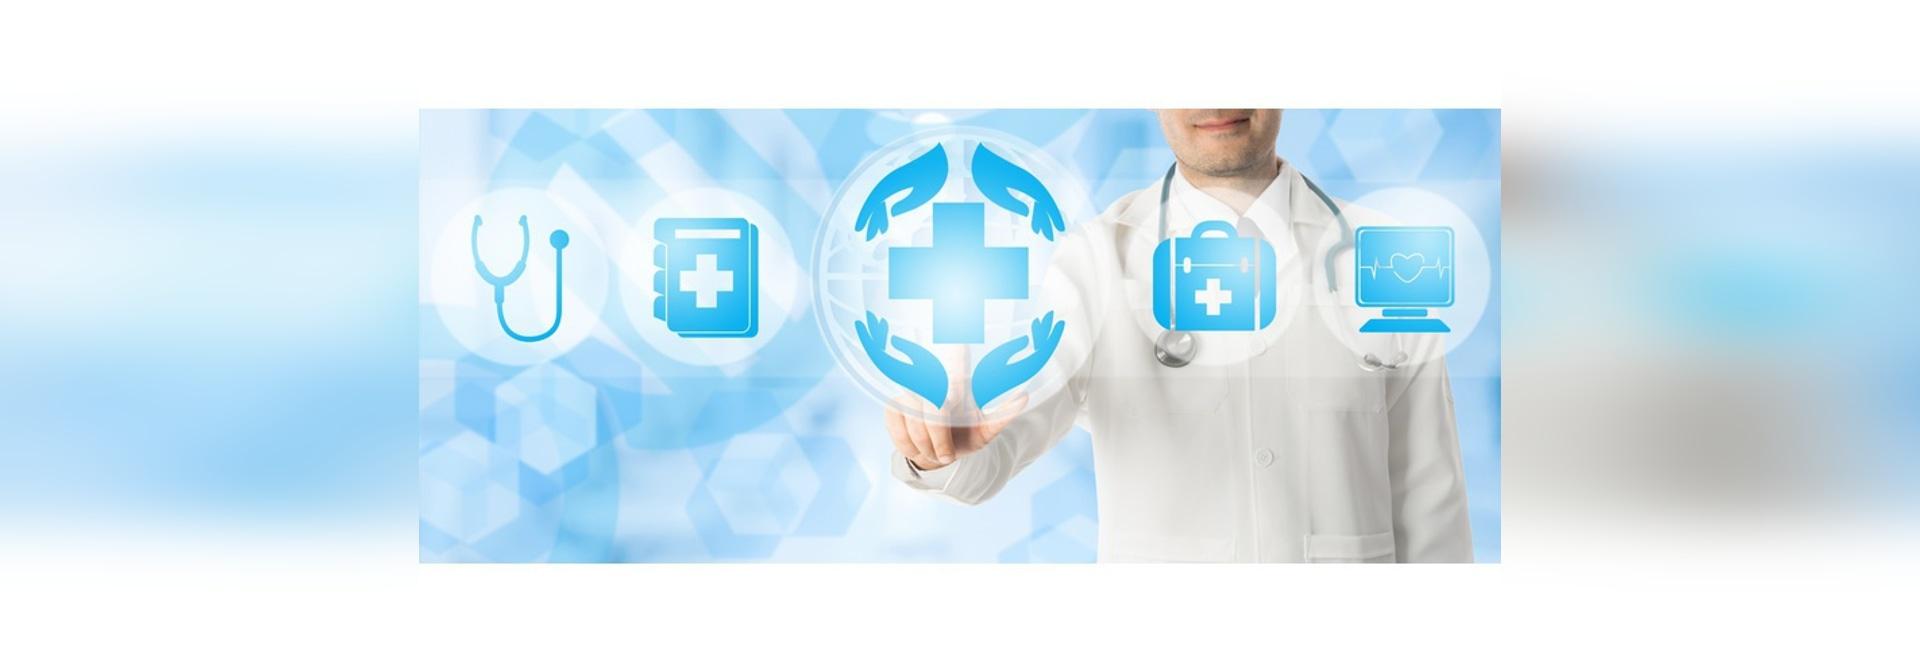 Robots Quirúrgicos: ¿La Próxima Frontera del Cuidado de la Salud?